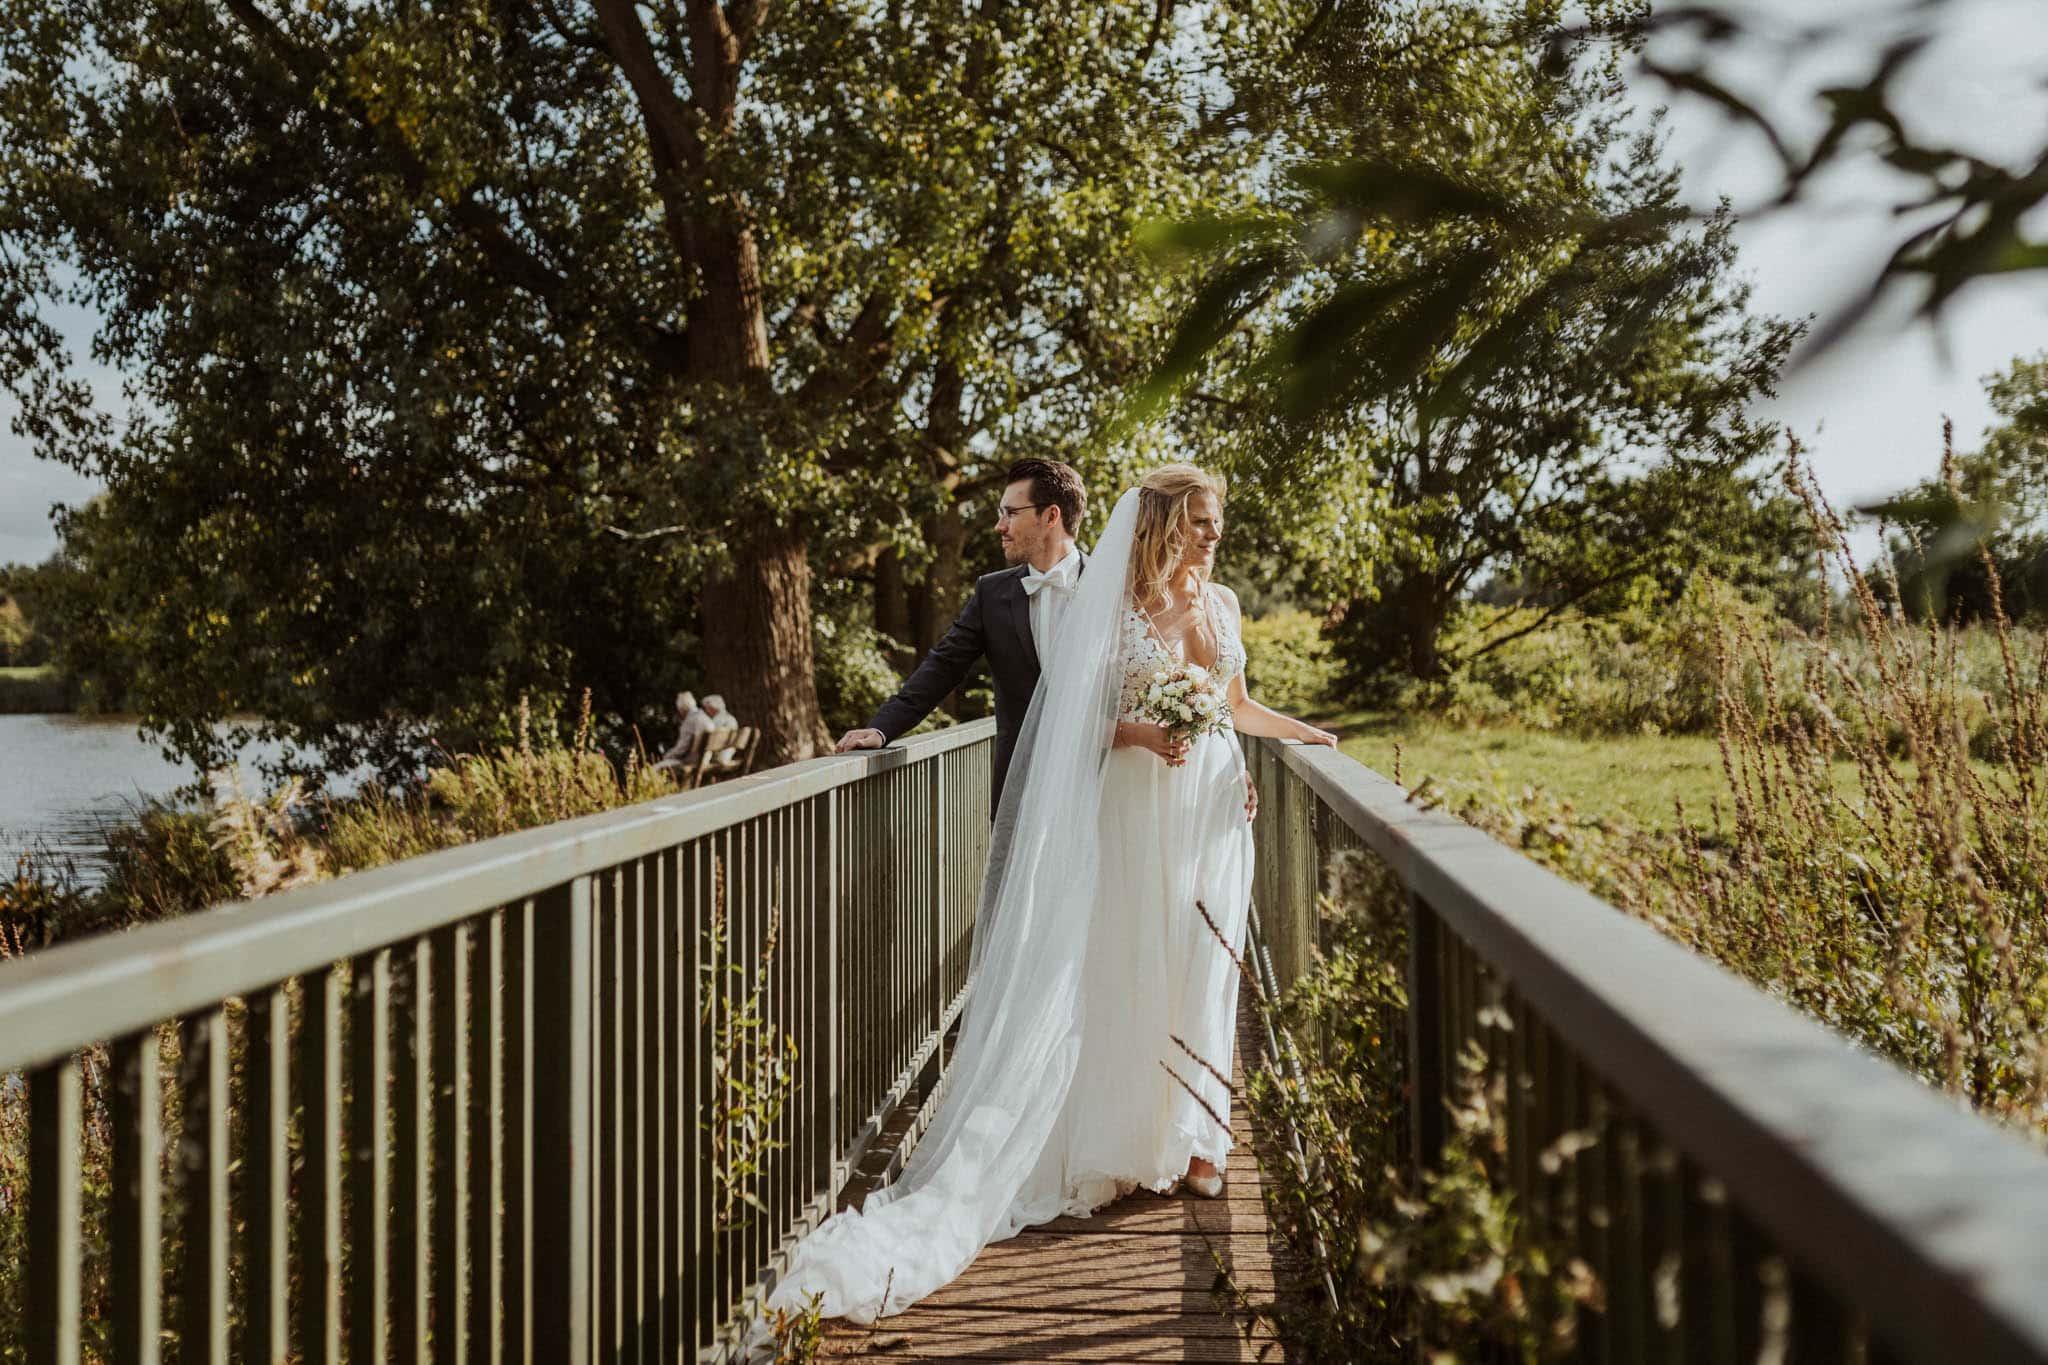 Hochzeitsfieber by Photo-Schomburg, Hochzeitsfotograf, Hamburg, Bremen, Hochzeitstag, Hochzeitspaar, Braut, Bräutigam, Bremen-Kränholm,Knoops Park-146